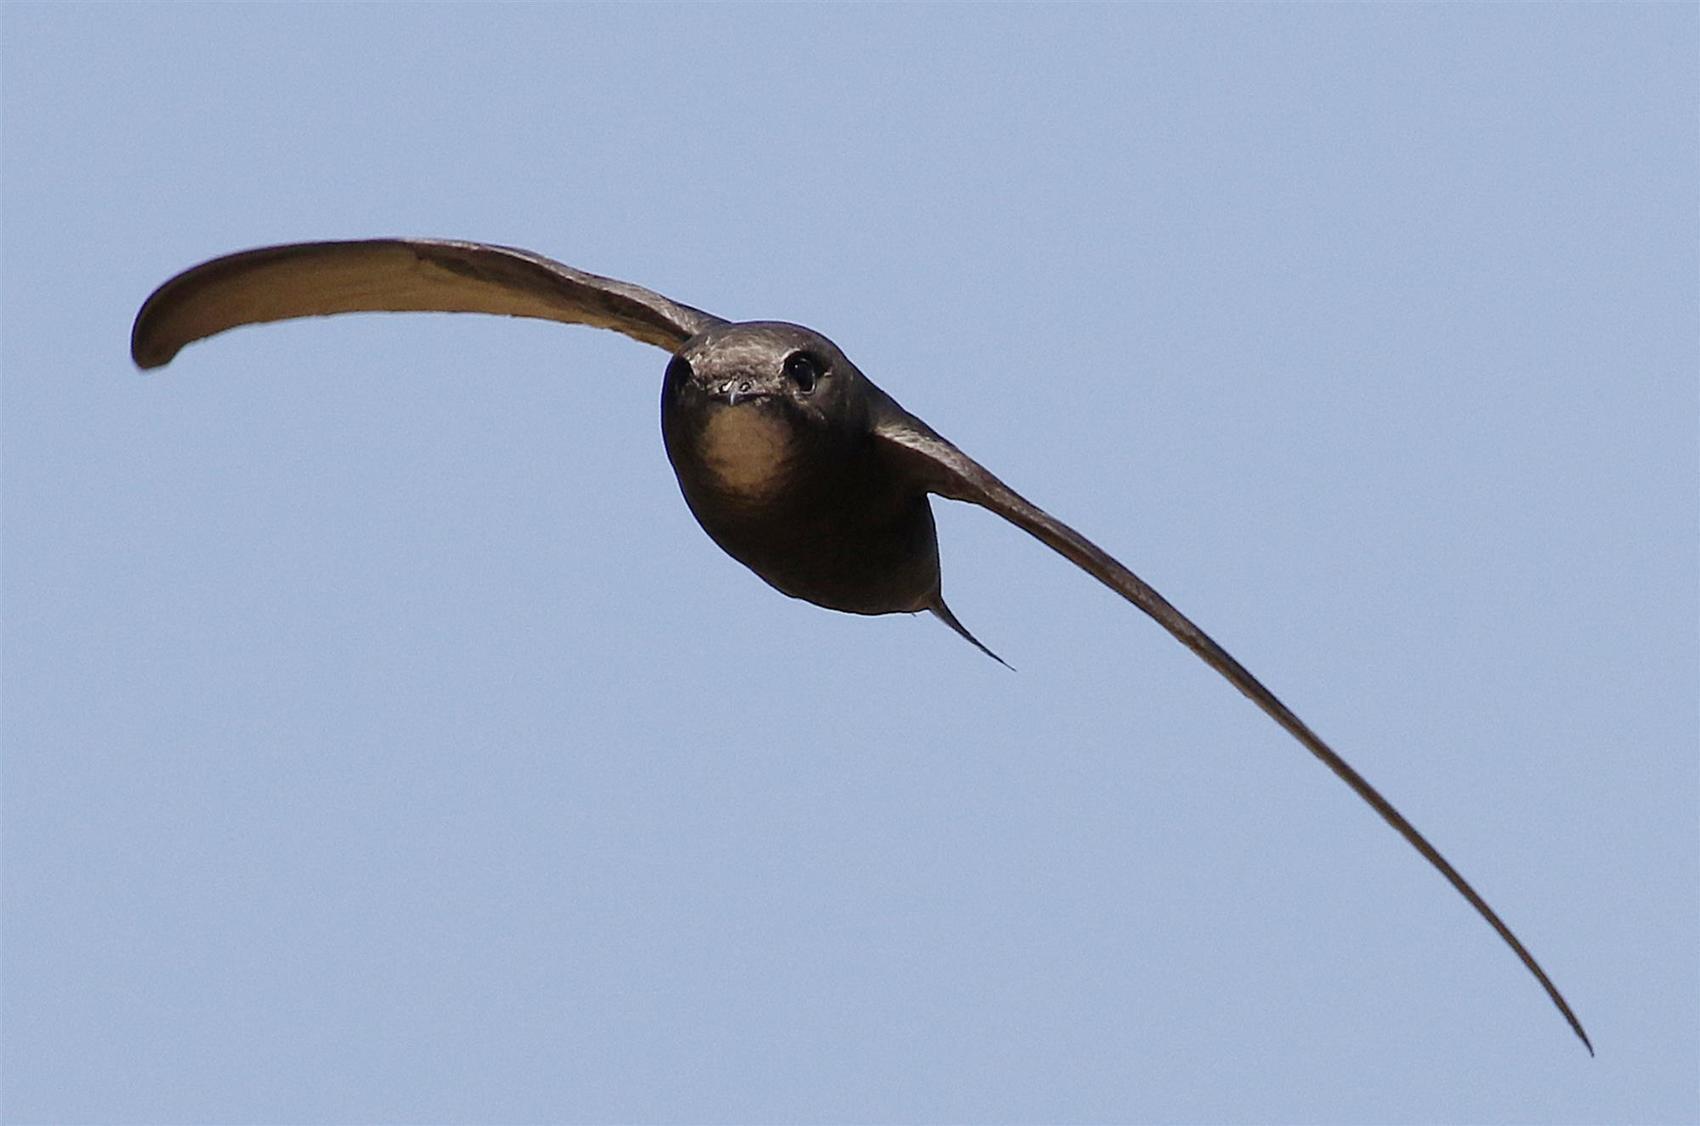 Phoenicopterus chilensis reproduccion asexual en